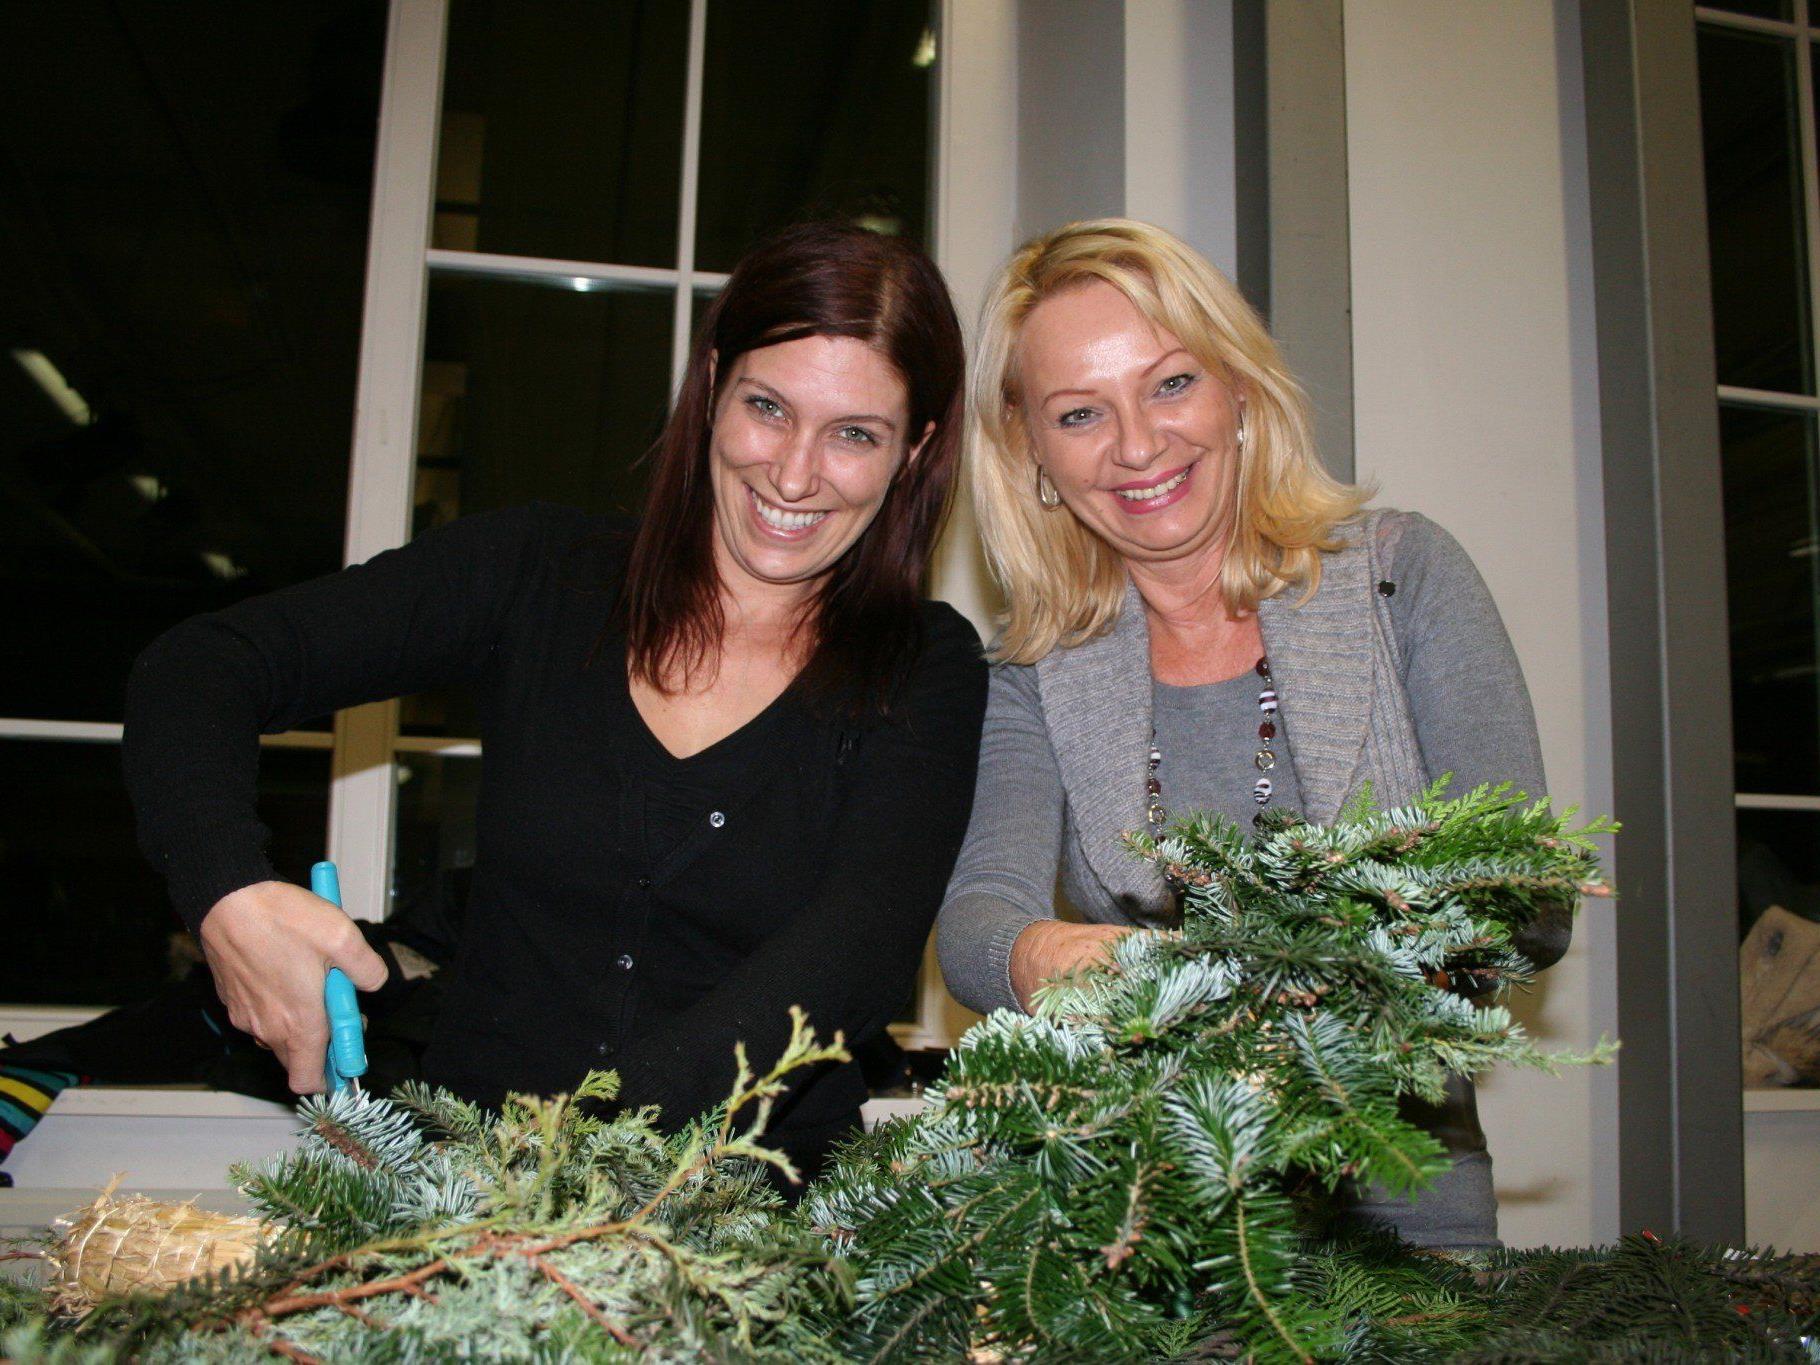 Auch Lucia und Sonja ließen hübsche Kränze entstehen.